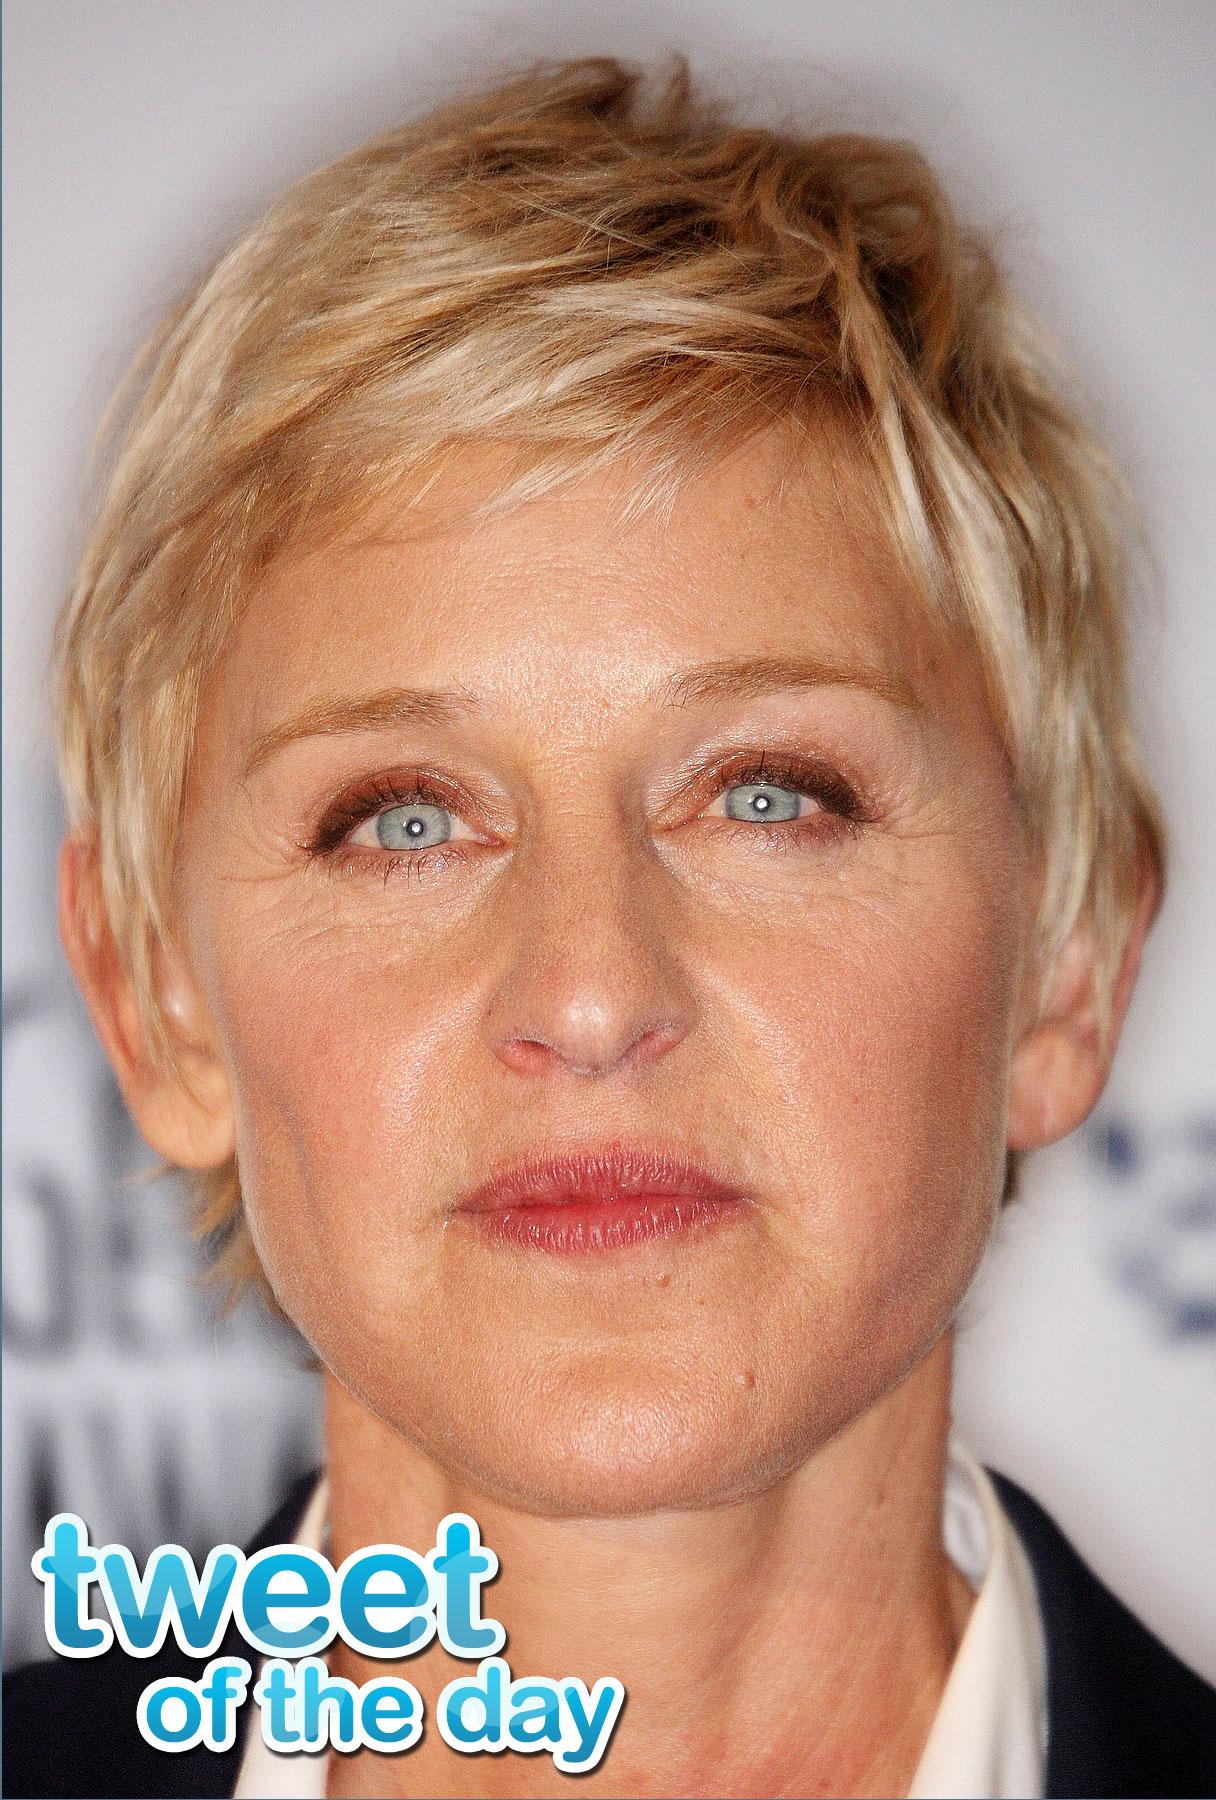 Tweet of the Day: Ellen DeGeneres Predicts 'Idol' Winner